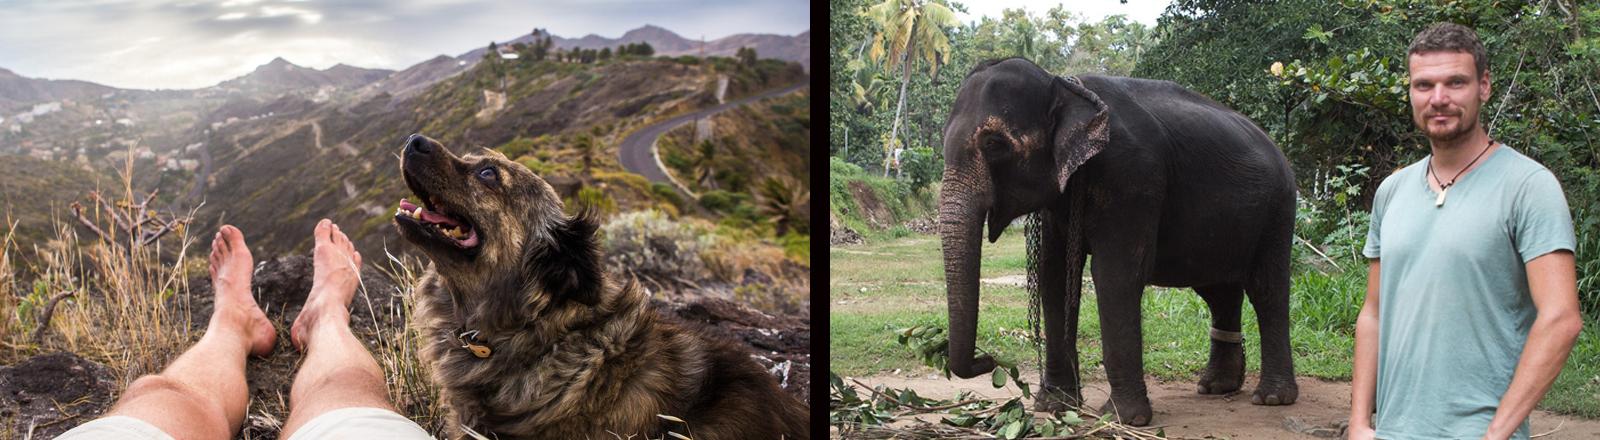 Markus Huth - Tiersitter - zusammen mit einem Hund in den Bergen von La Gomera und einem Elefanten in Sri Lanka.